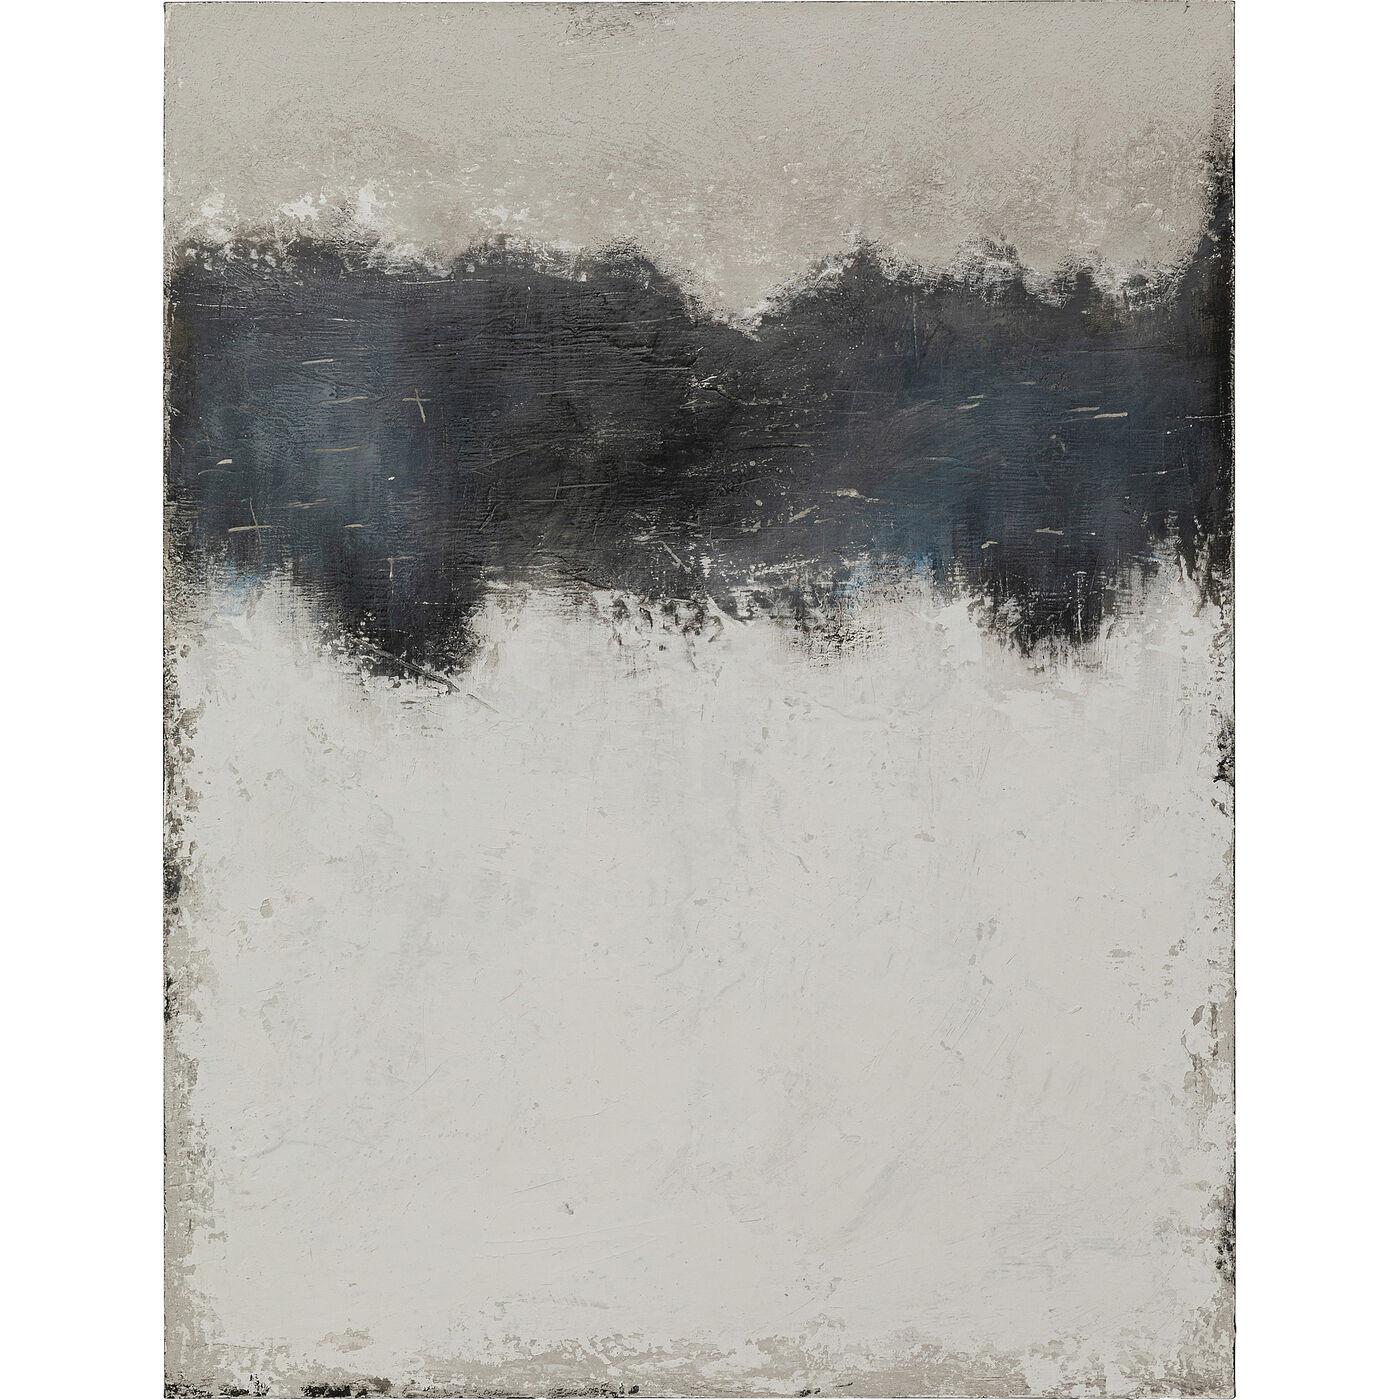 Acrylbild Abstract Into The Sea 120x90cm